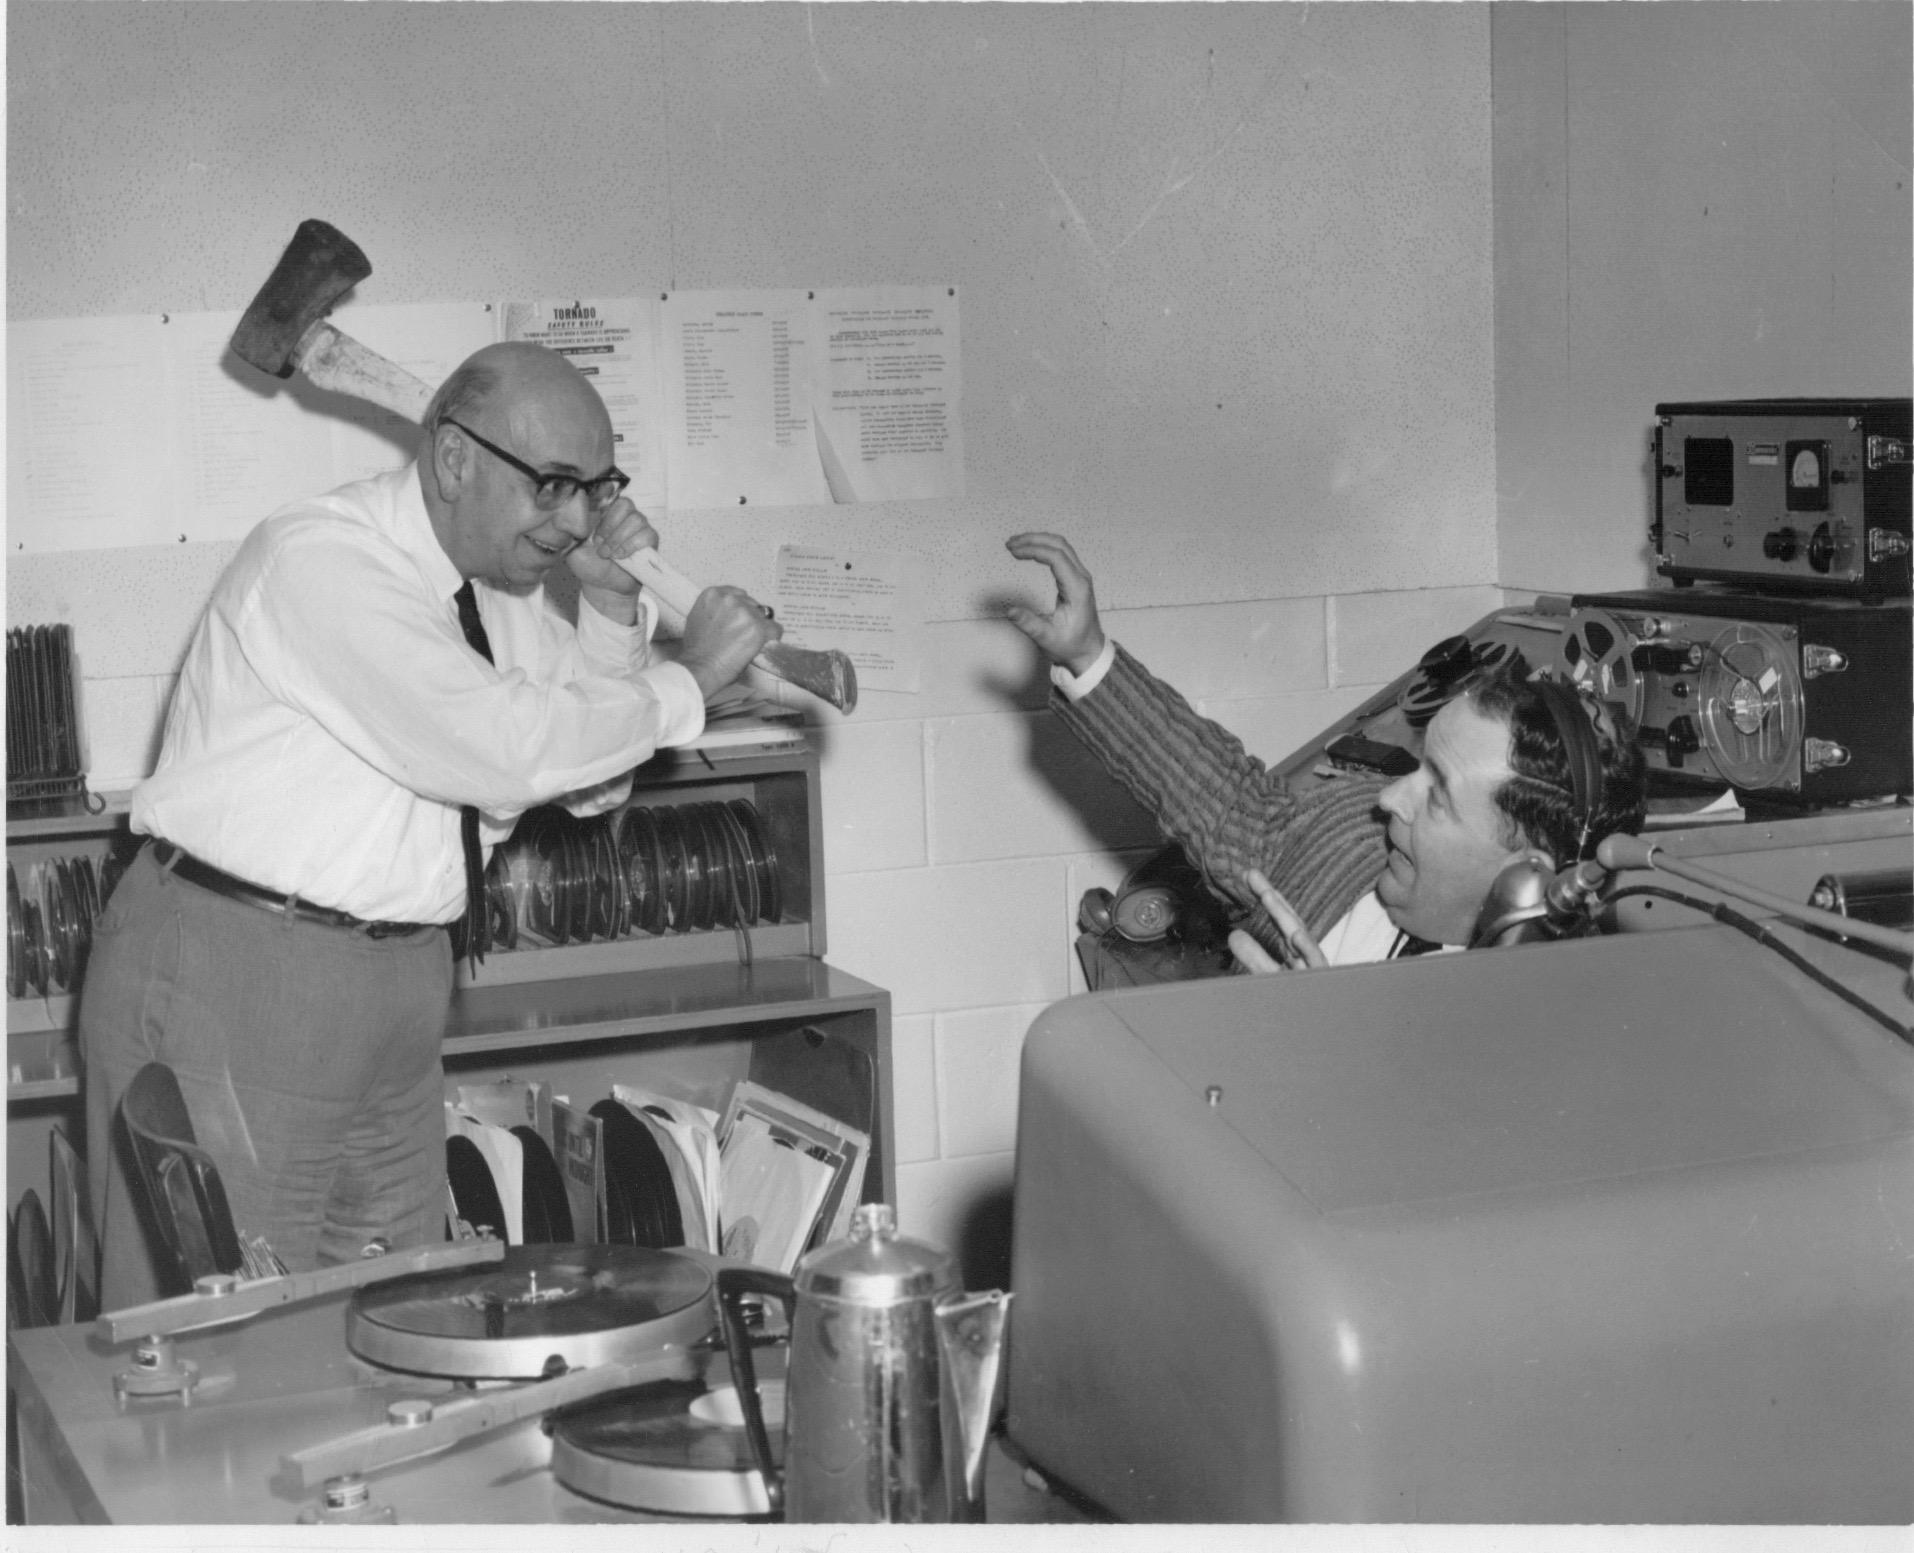 Pat patterson & Tony flynn had a sports talk show that sometimes got pretty heated!